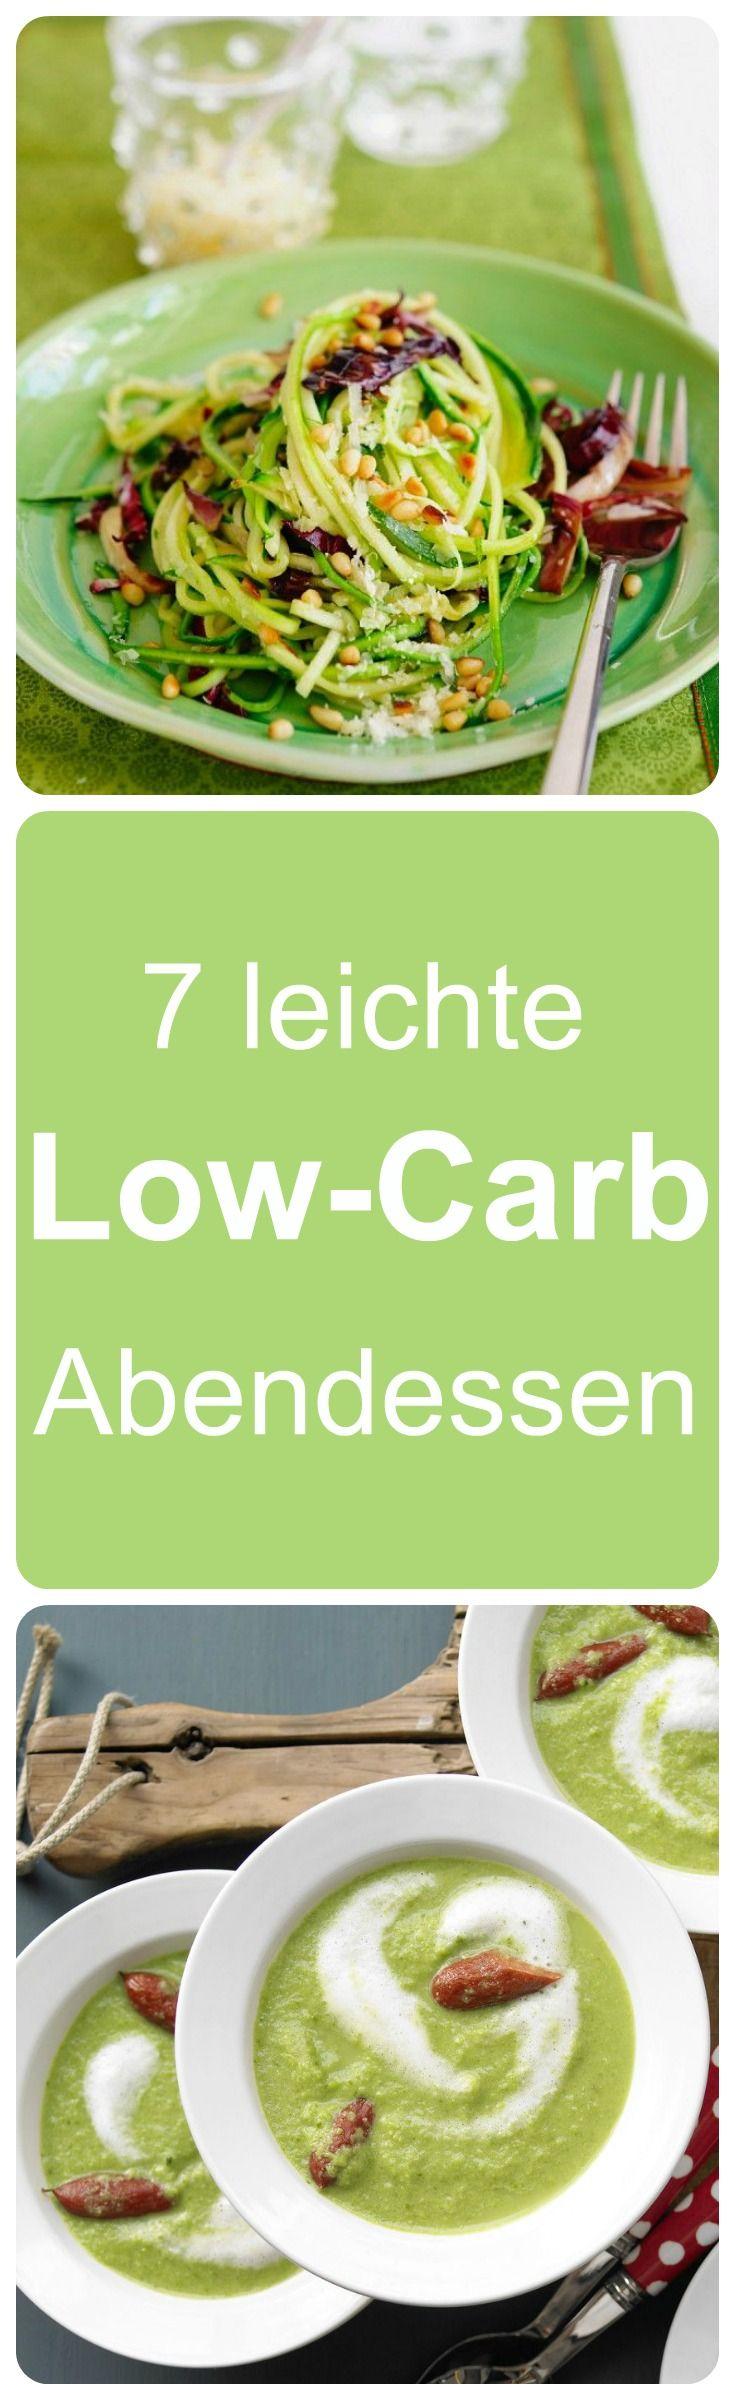 Wir haben hier 7 Low-Carb Abendessen, damit du gesund und lecker durch die Woche kommst.